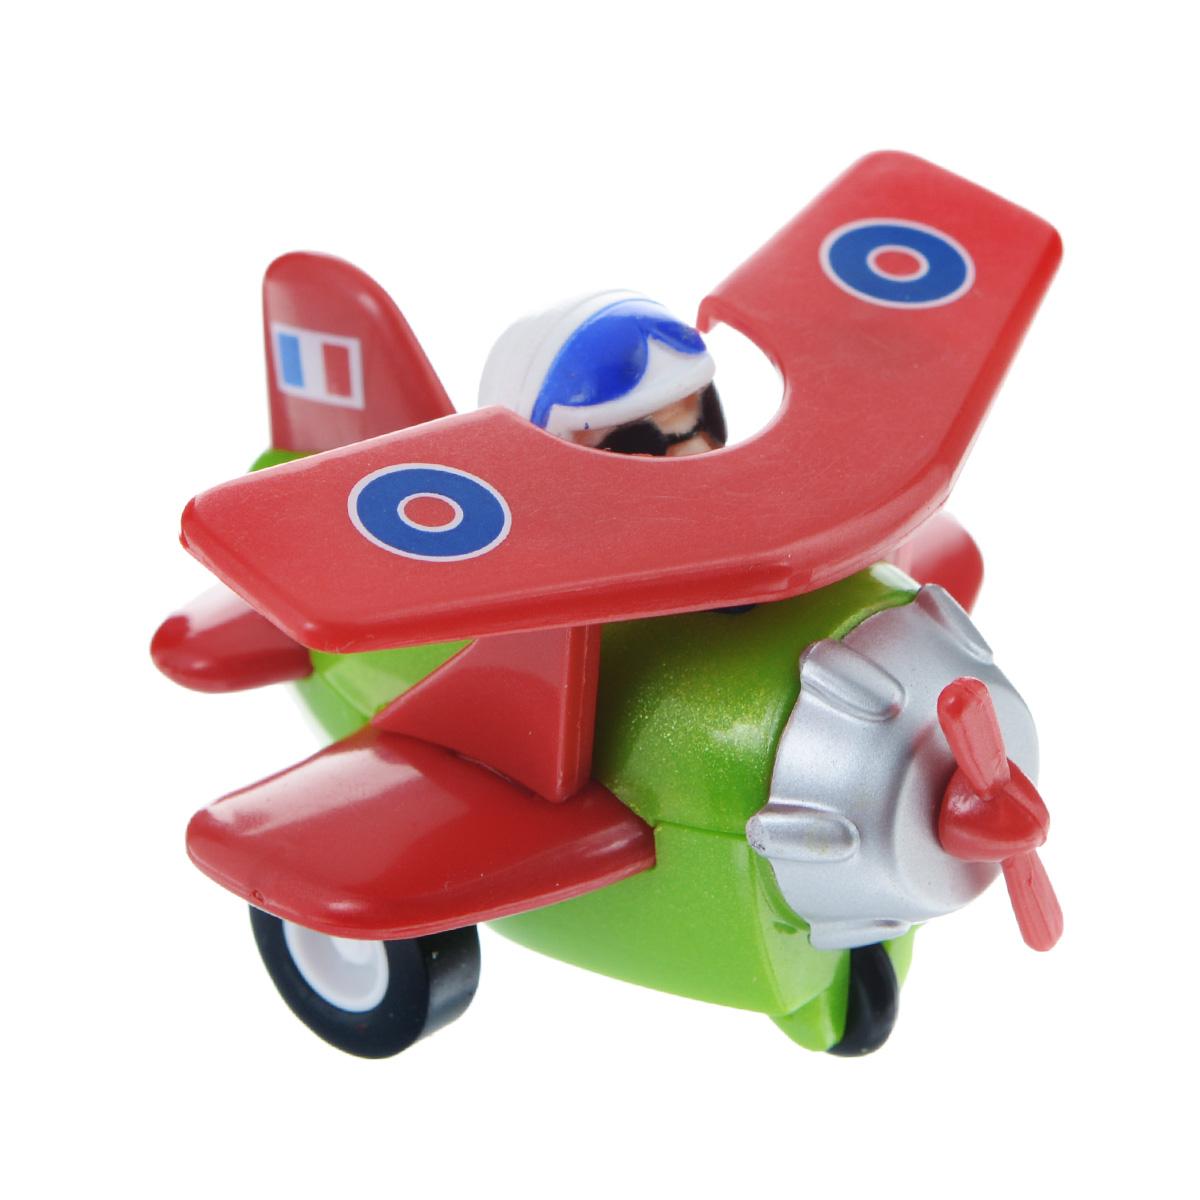 Игрушка инерционная Hans Самолет, цвет: красный, зеленыйPP-3BDИгрушка Hans Самолет привлечет внимание вашего малыша и не позволит ему скучать! Выполненная из безопасного пластика, игрушка представляет собой самолетик с пилотом. Для запуска, установите игрушку на поверхность, оттяните ее назад и отпустите, игрушка поедет вперед. Инерционная игрушка Hans Самолет поможет ребенку в развитии воображения, мелкой моторики рук, концентрации внимания и цветового восприятия.